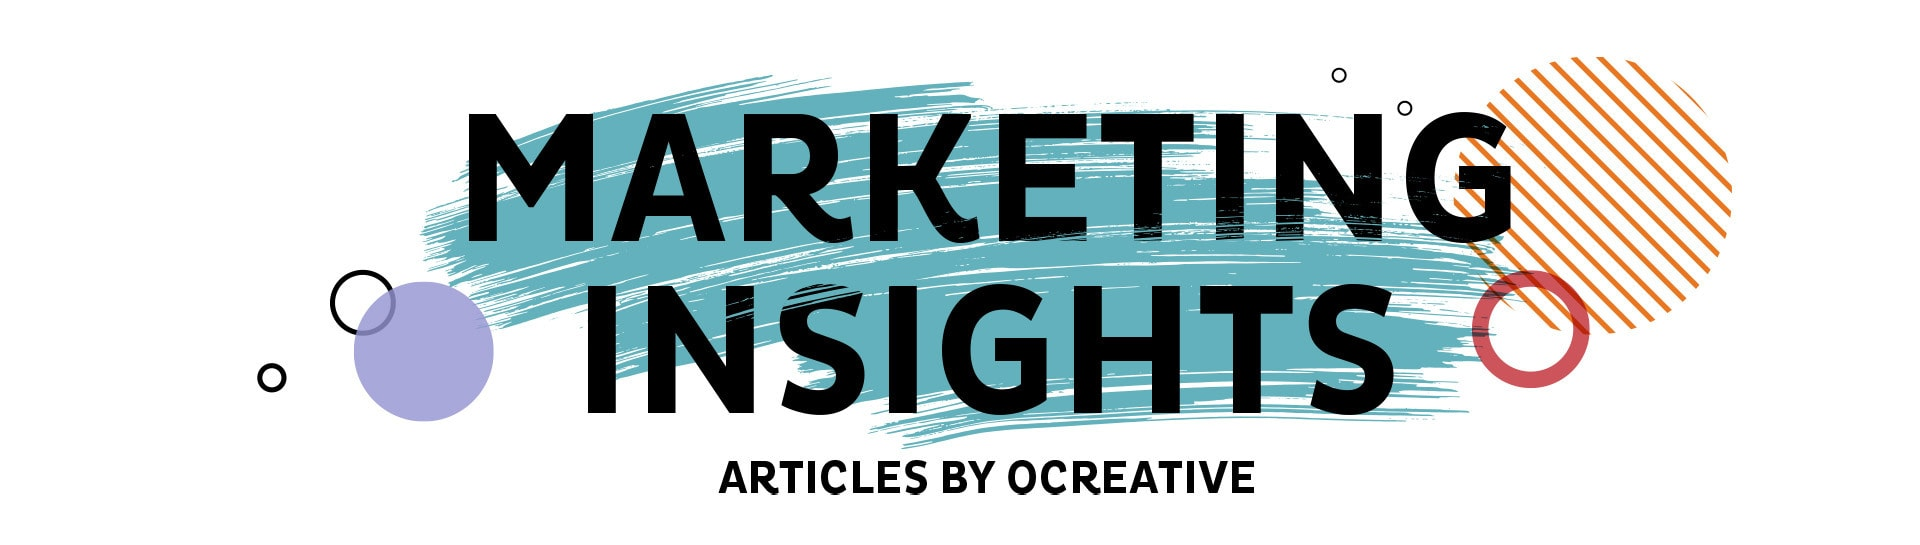 Marketing Insights Header